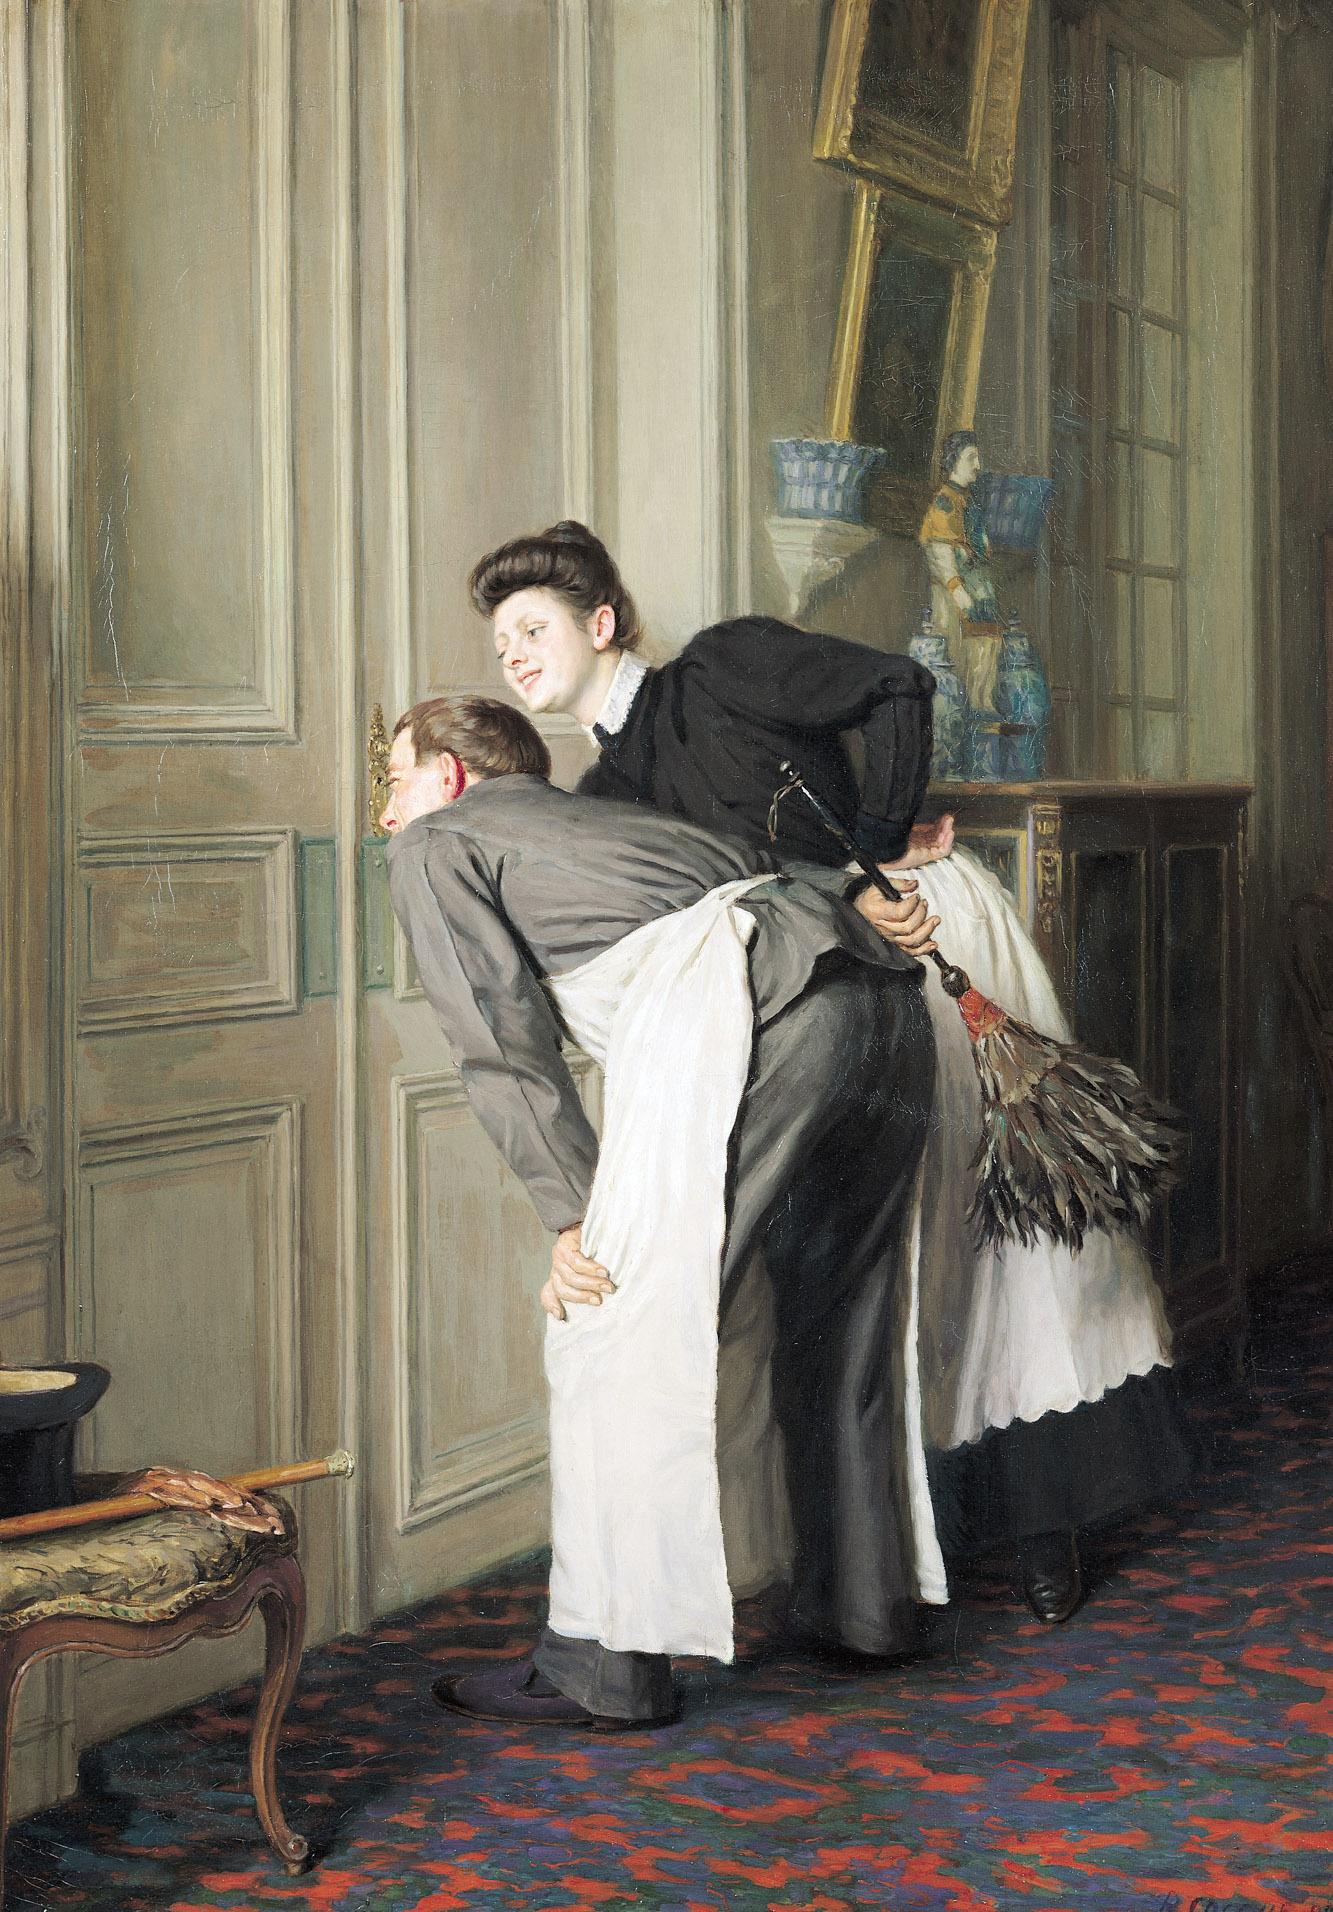 Madame Recoit, by Remy Cogghe, 1908. Musée d'Art et d'Industrie de Roubaix, France.